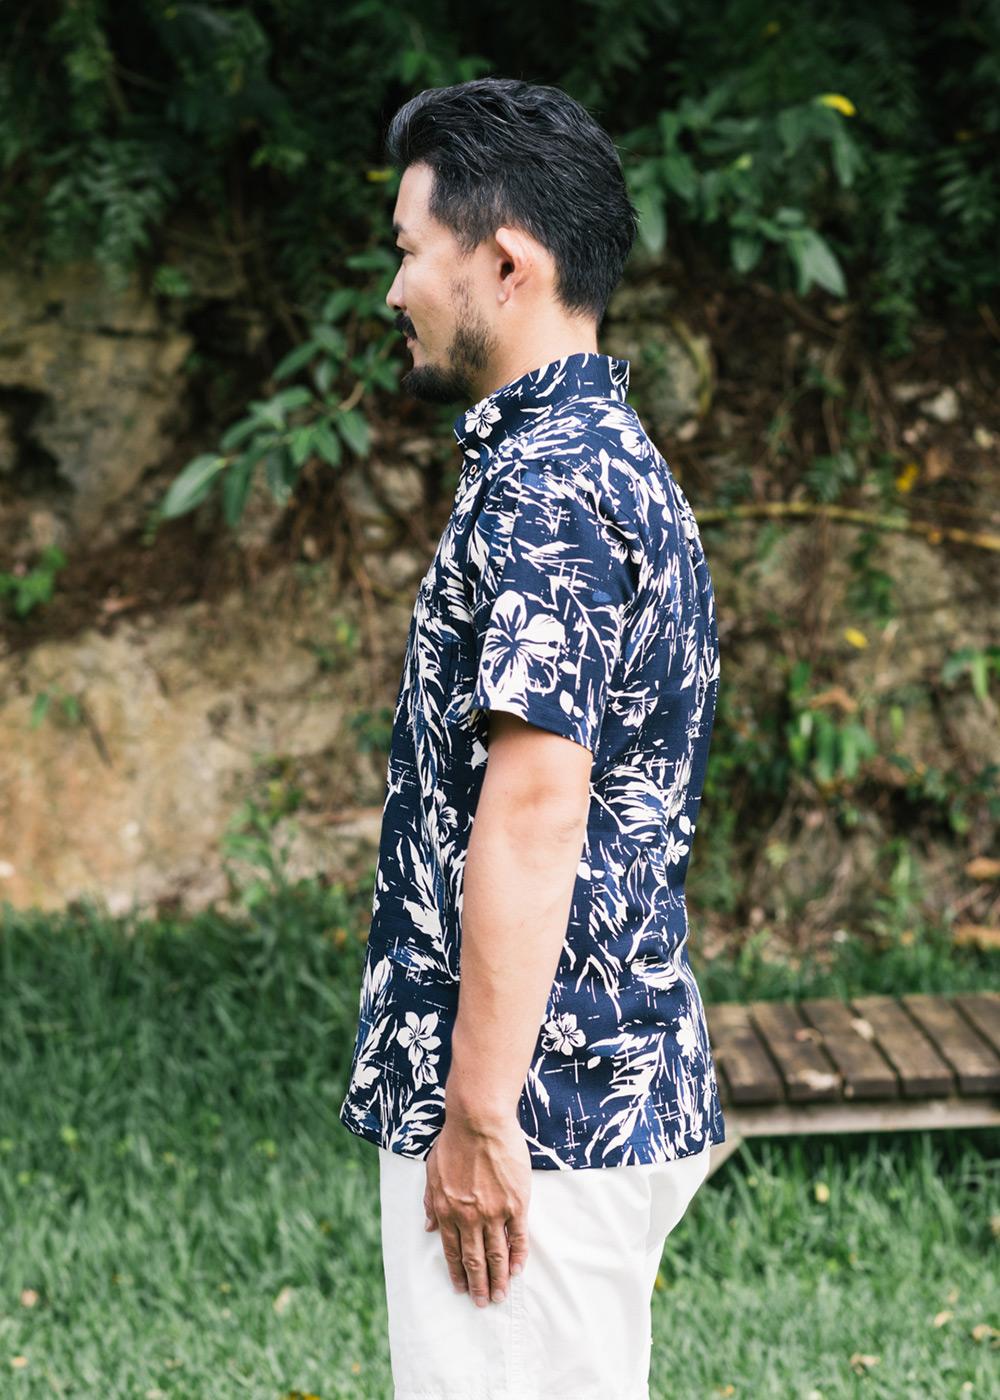 かりゆしウェア(沖縄版アロハシャツ) MAJUN - ミッドサマーブーケ